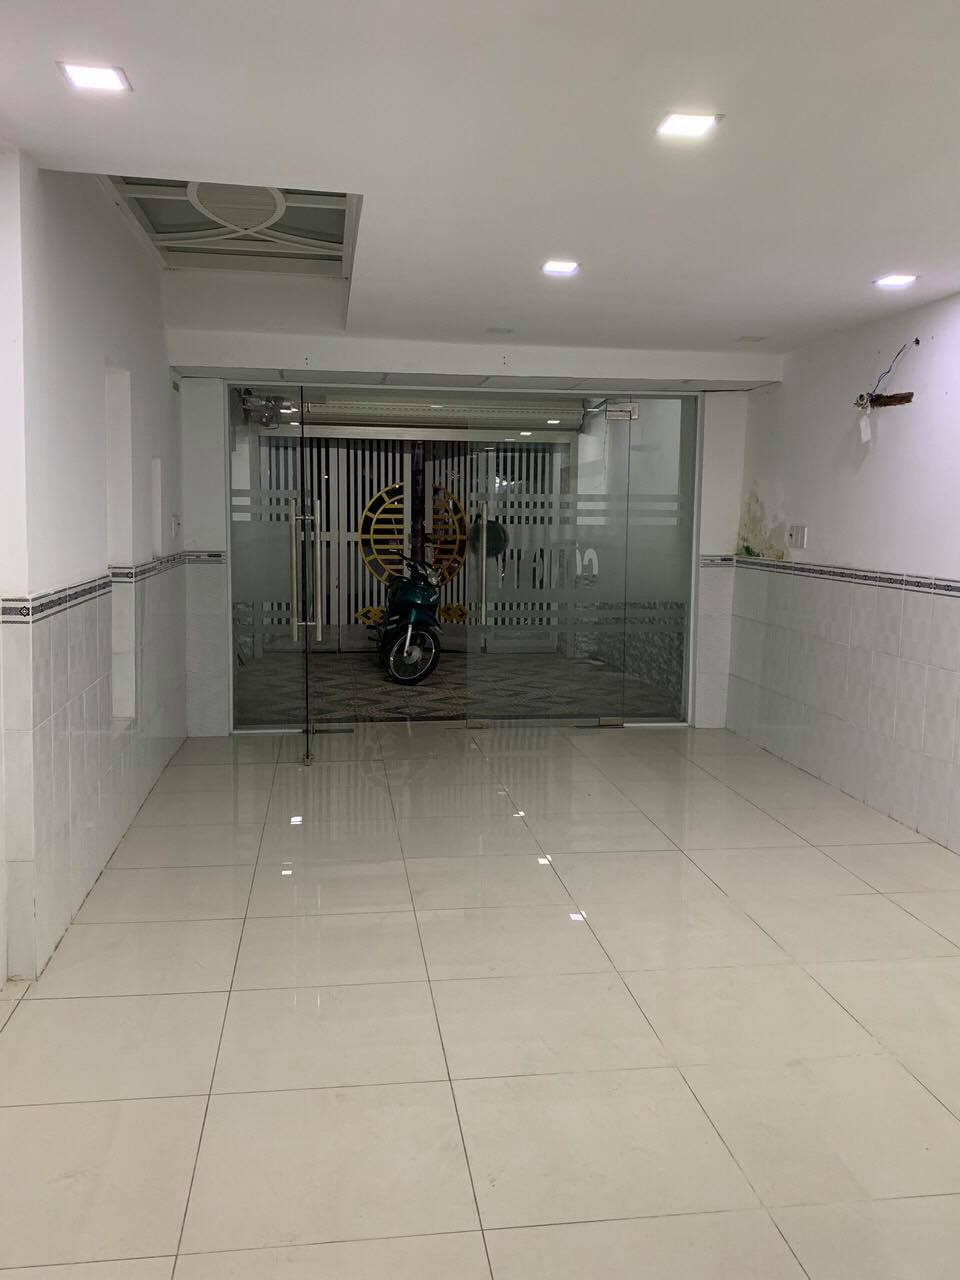 Bán nhà hẻm oto Lâm Văn Bền, 4x21m, chỉ 6 tỷ 9